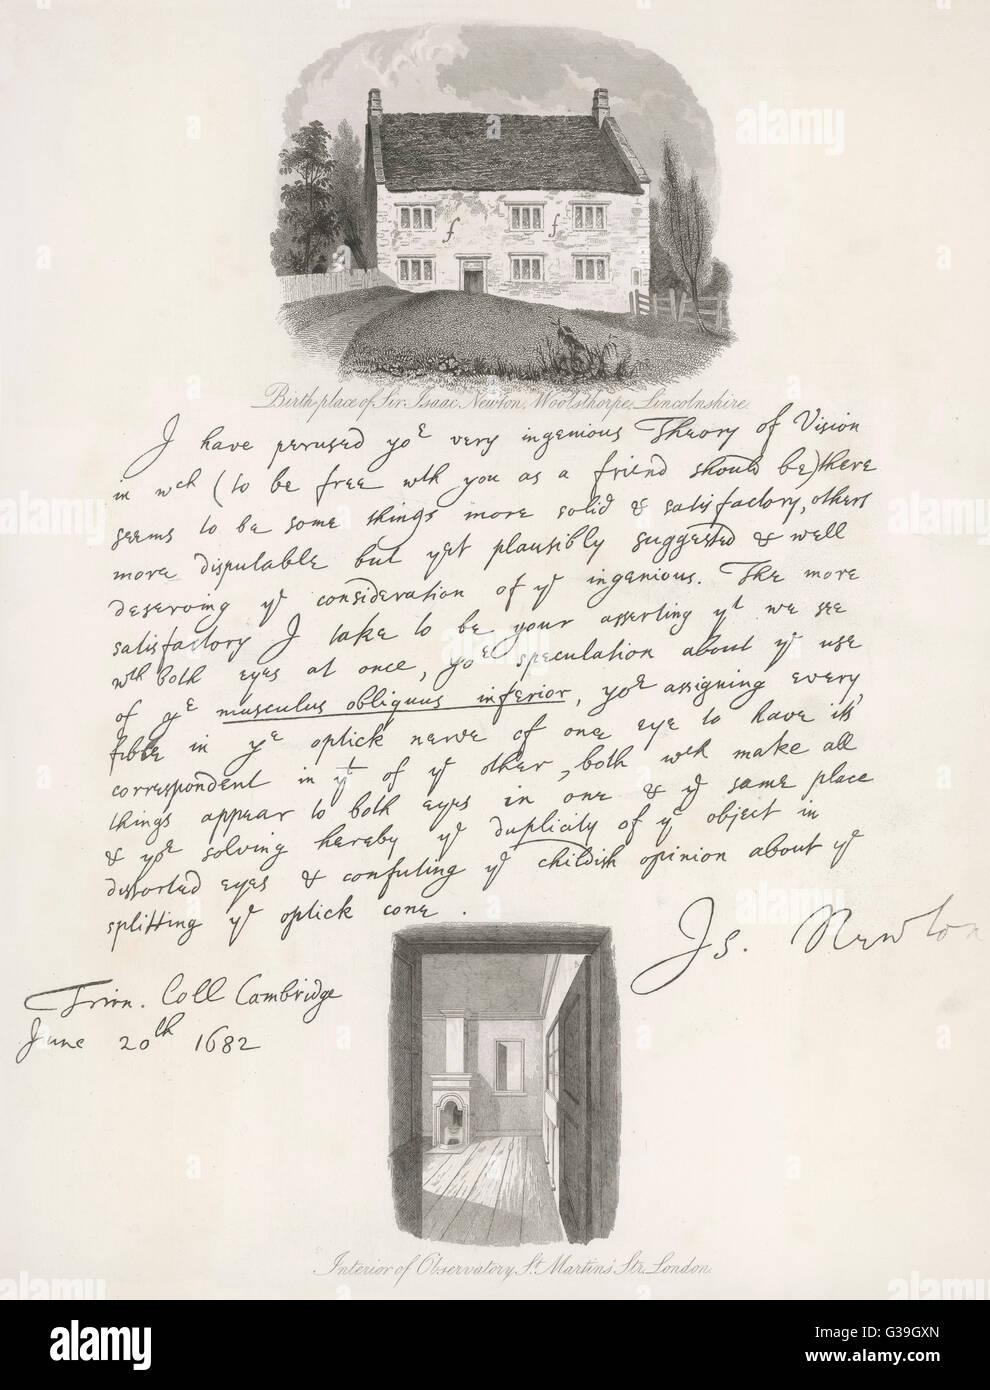 Brief Von Der Englische Wissenschaftler Datiert 20 Juni 1682